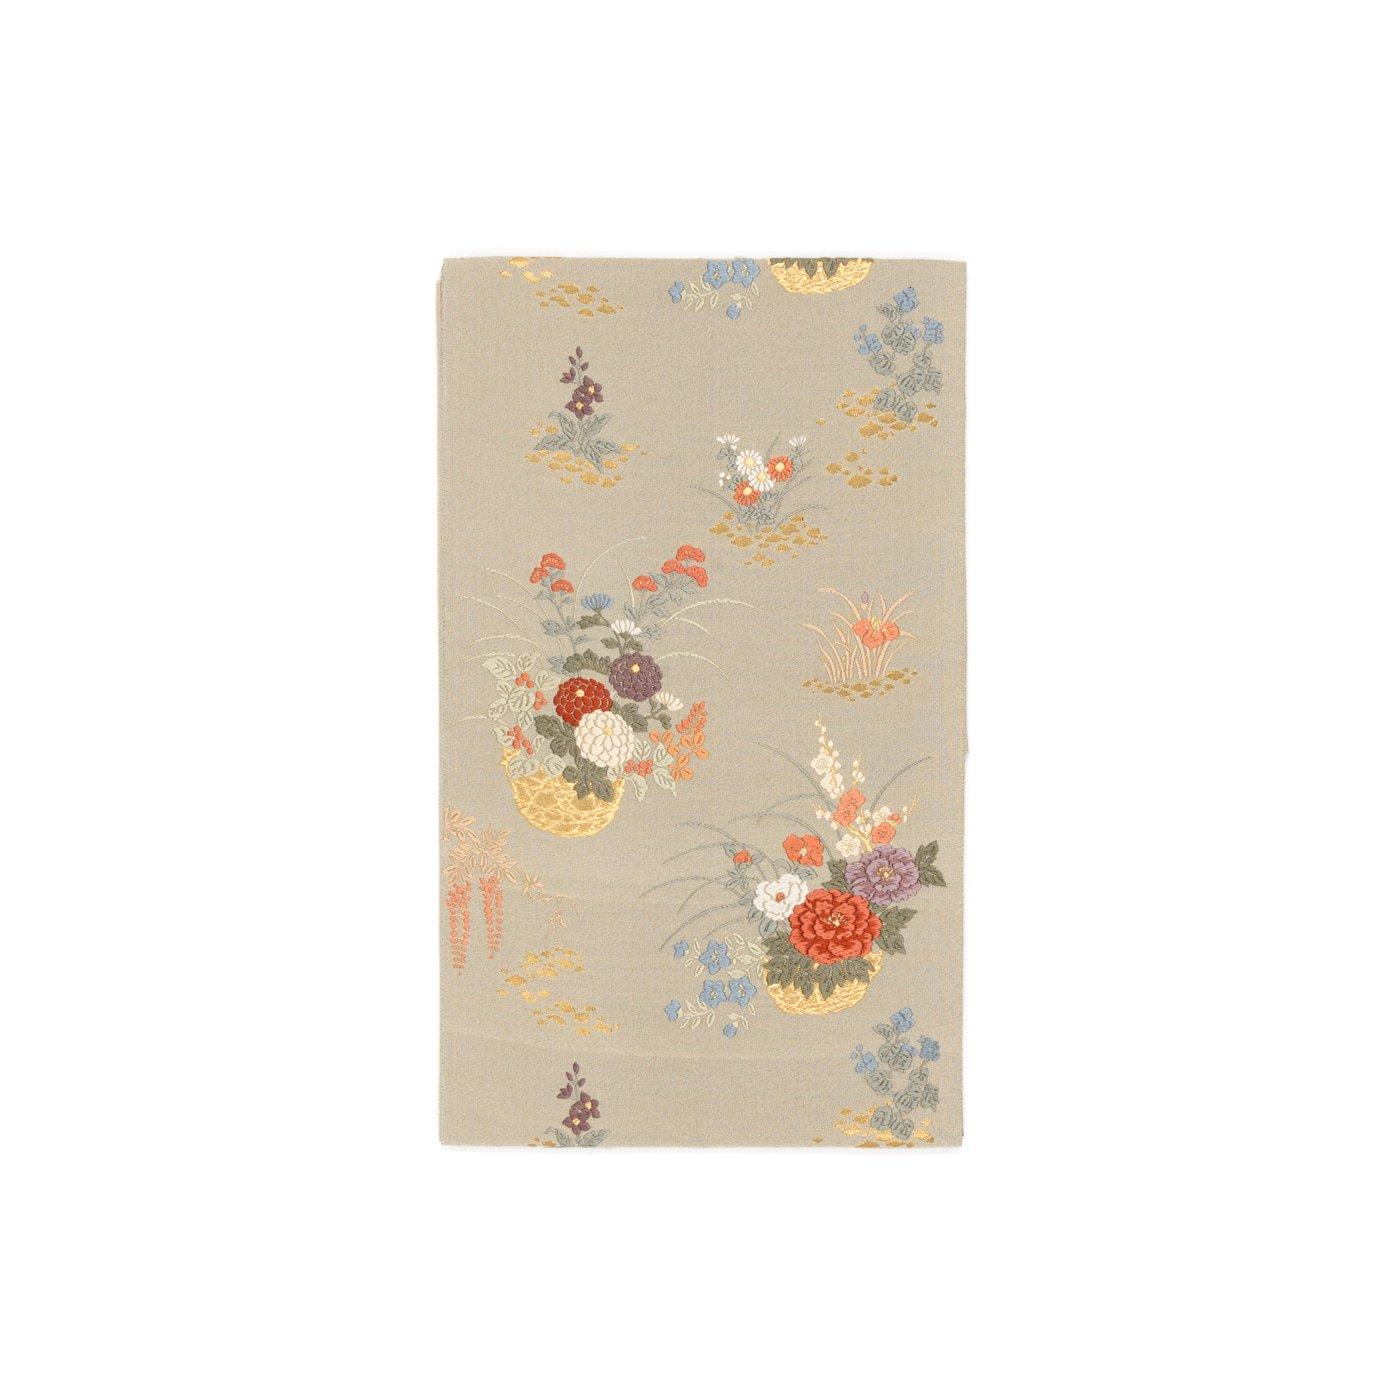 「袋帯●花籠」の商品画像